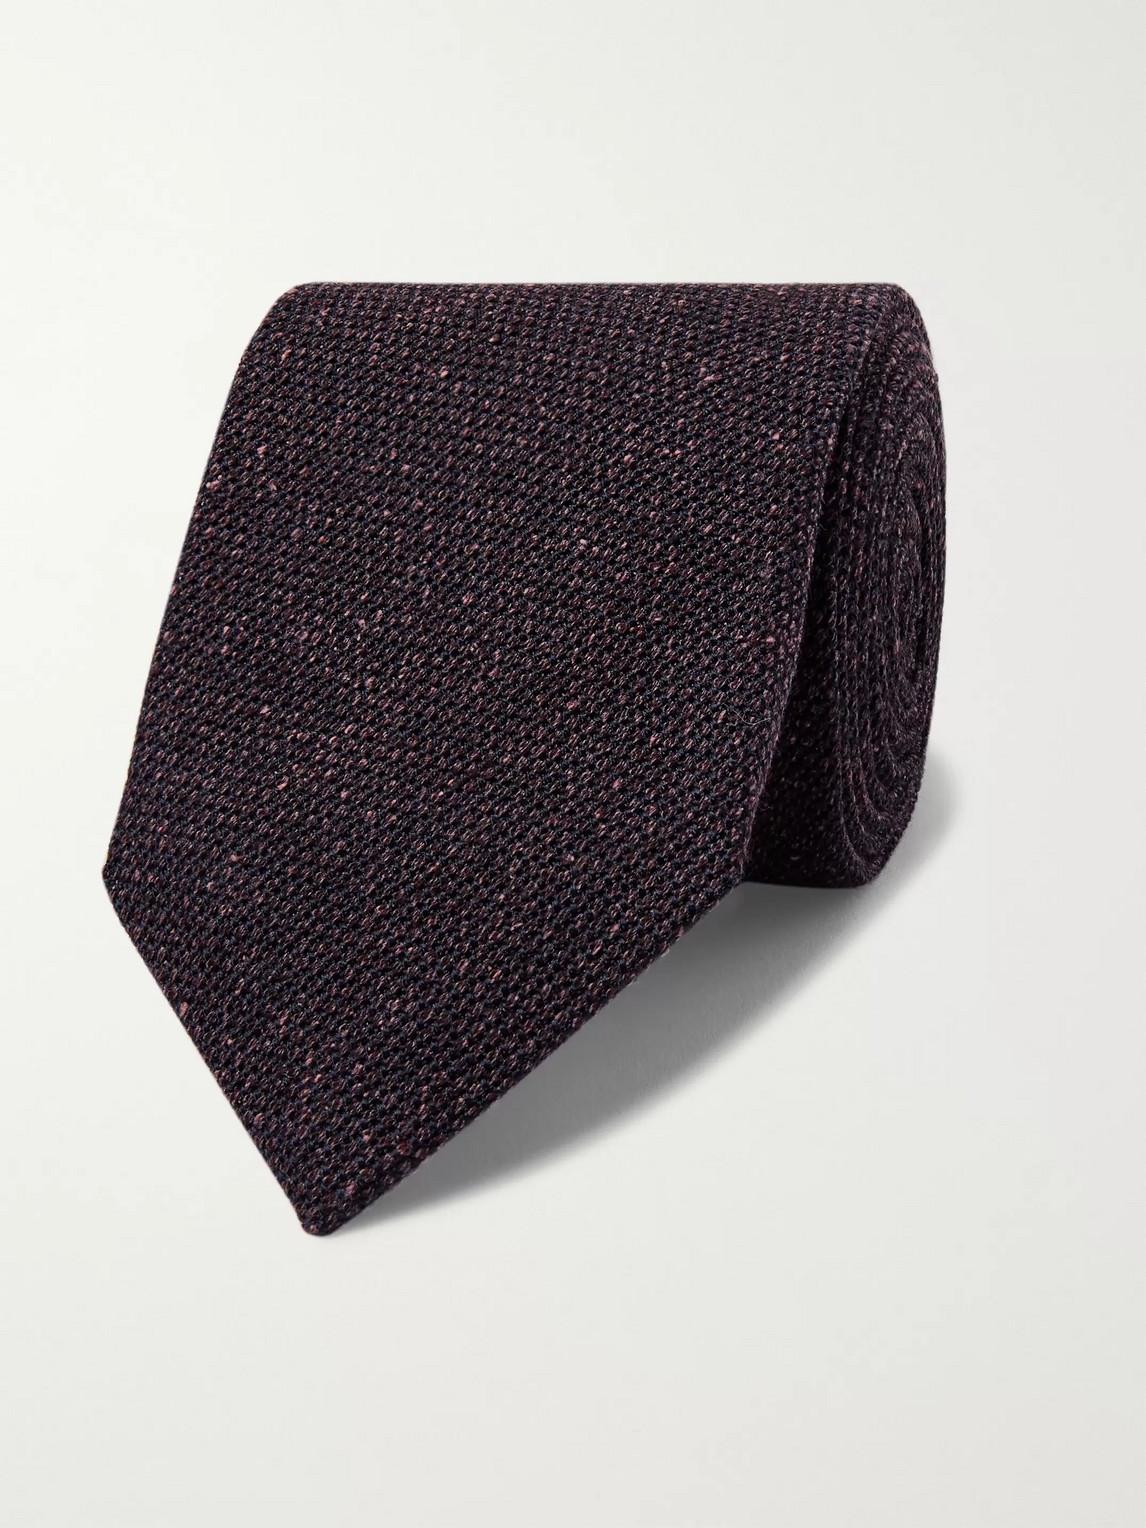 Kingsman Drake's 8cm Silk And Wool-blend Tie In Brown